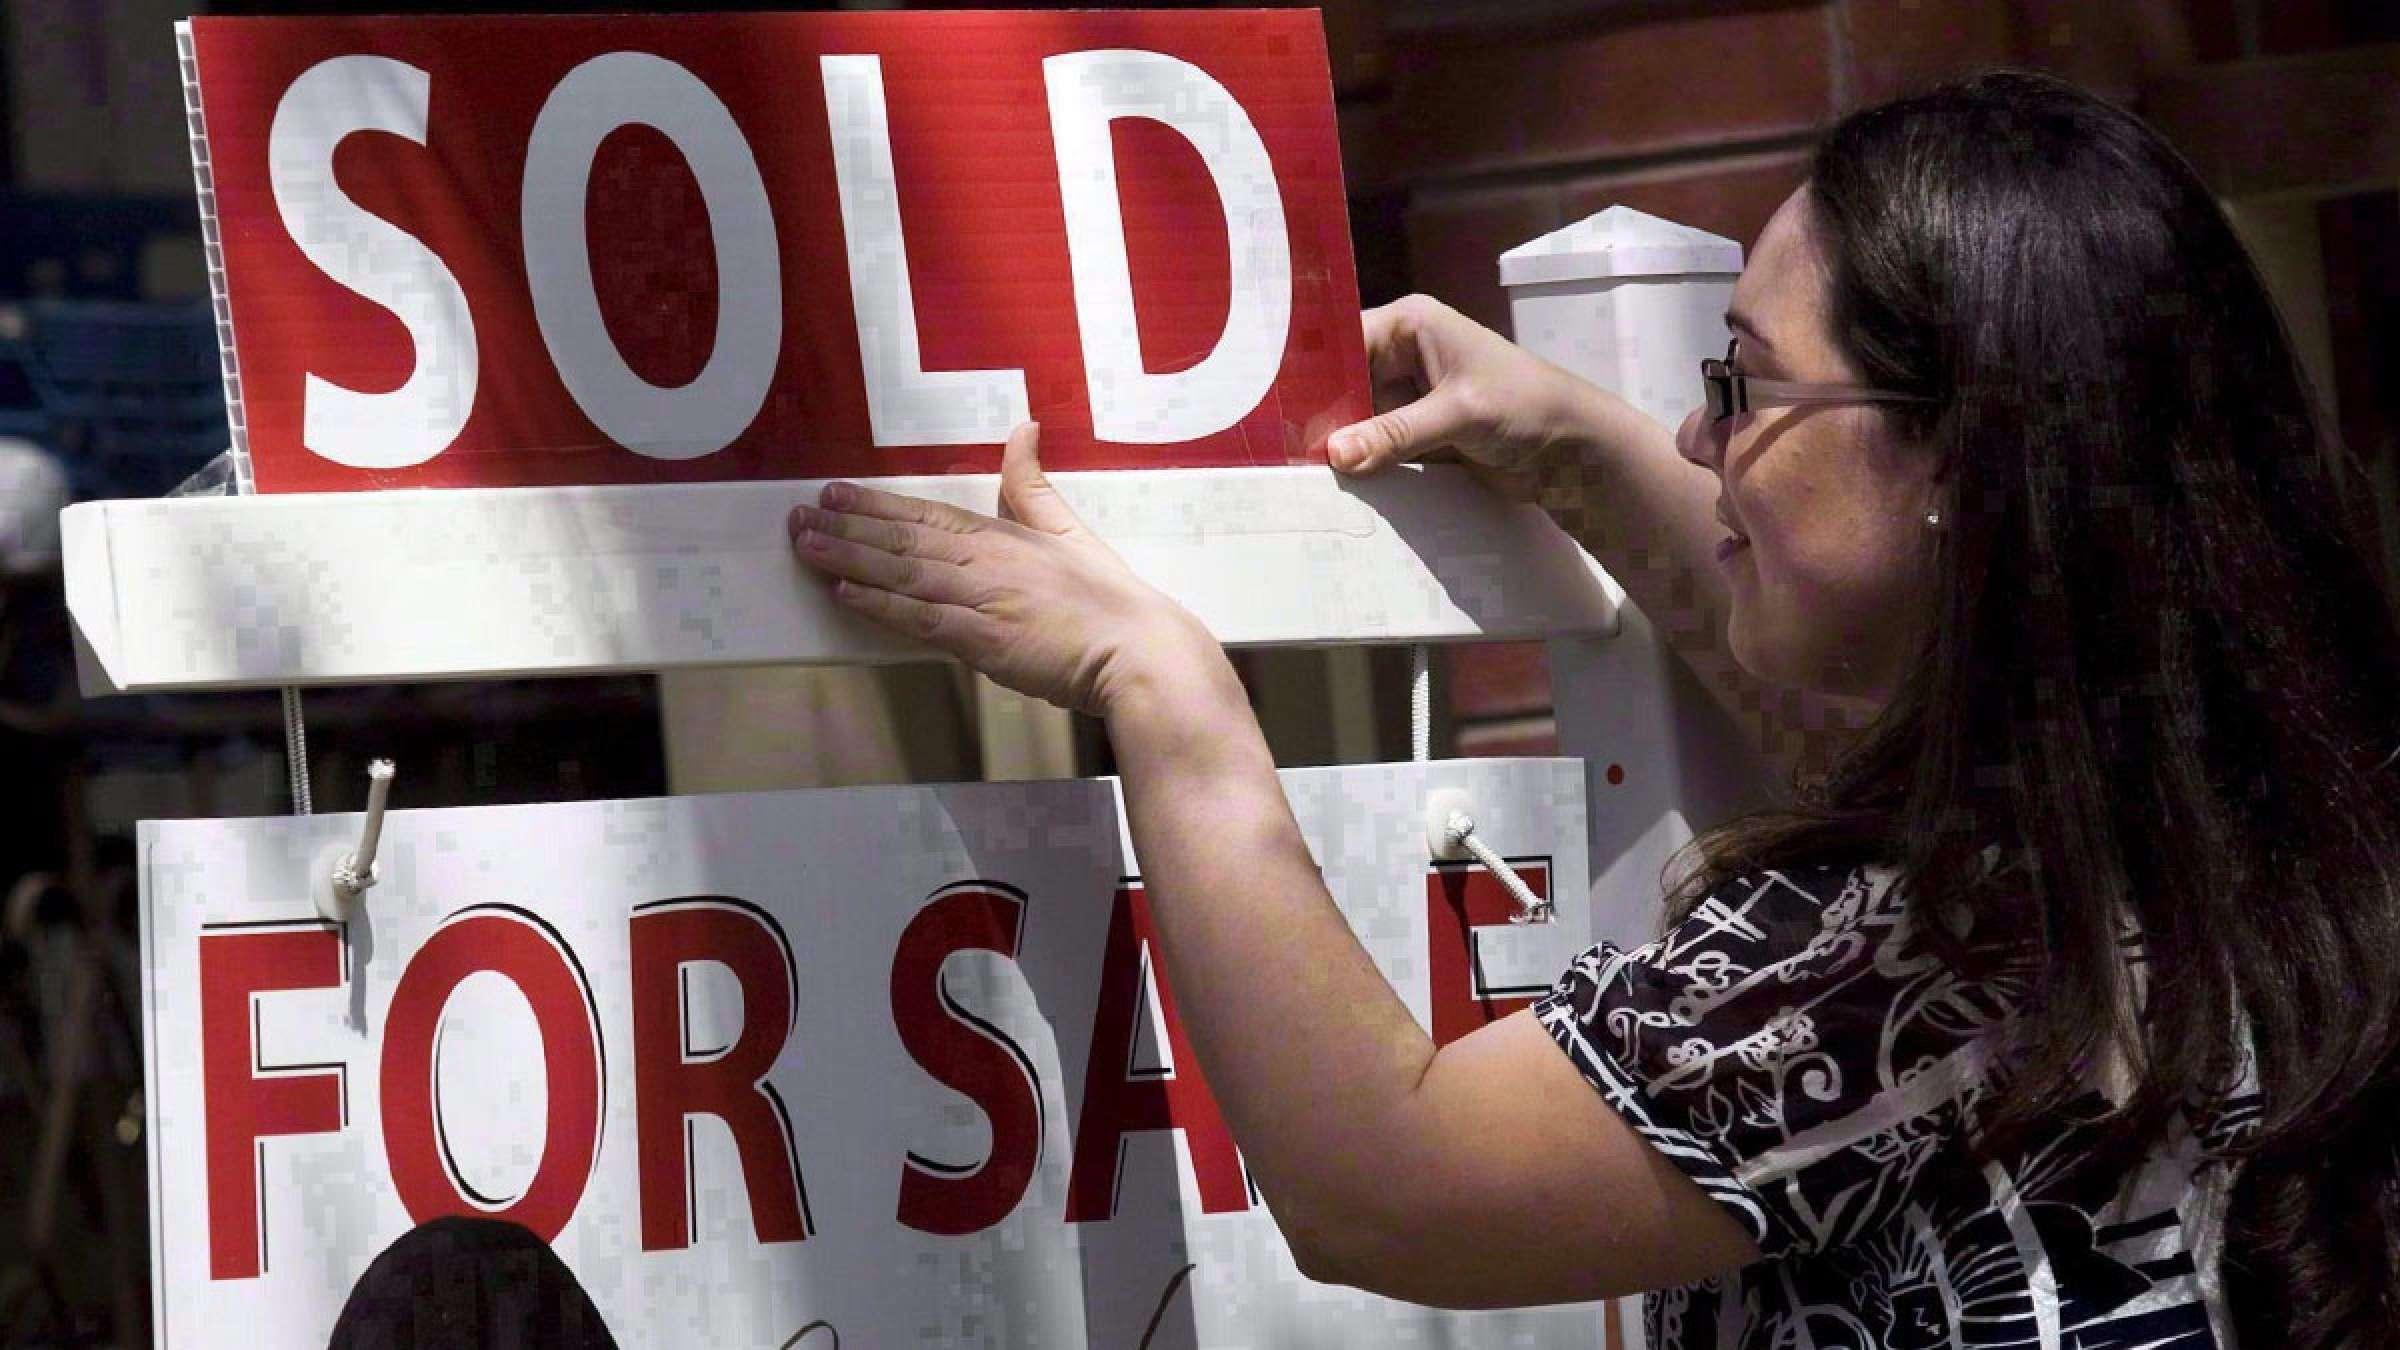 اخبار-تورنتو-رکوردشکنی-بازار-املاک-تورنتو-با-کرونا